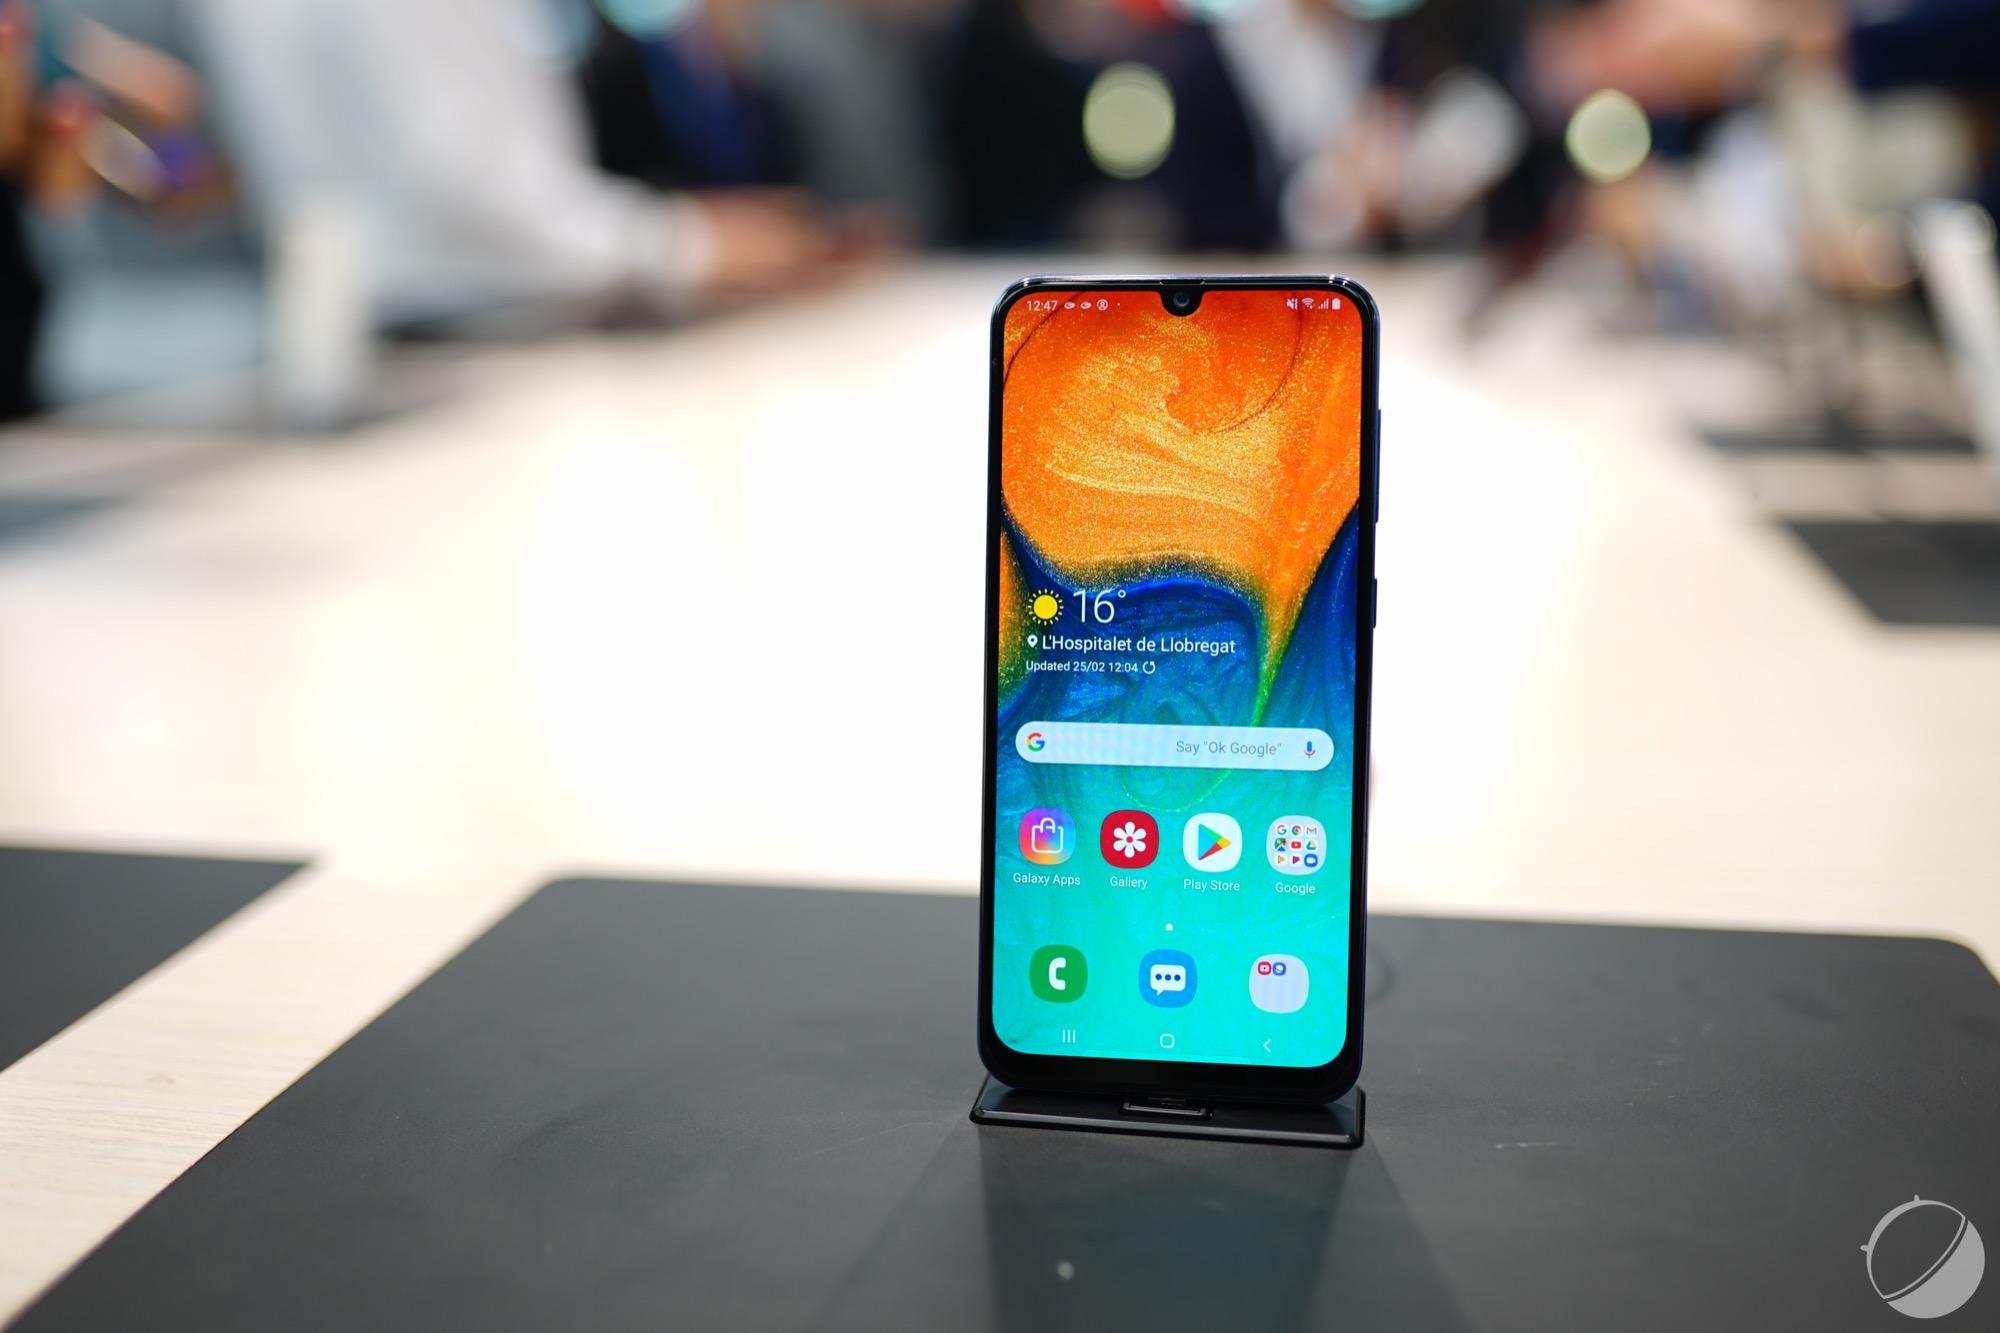 Le Samsung Galaxy A90 aurait une charge plus rapide que le Galaxy S10